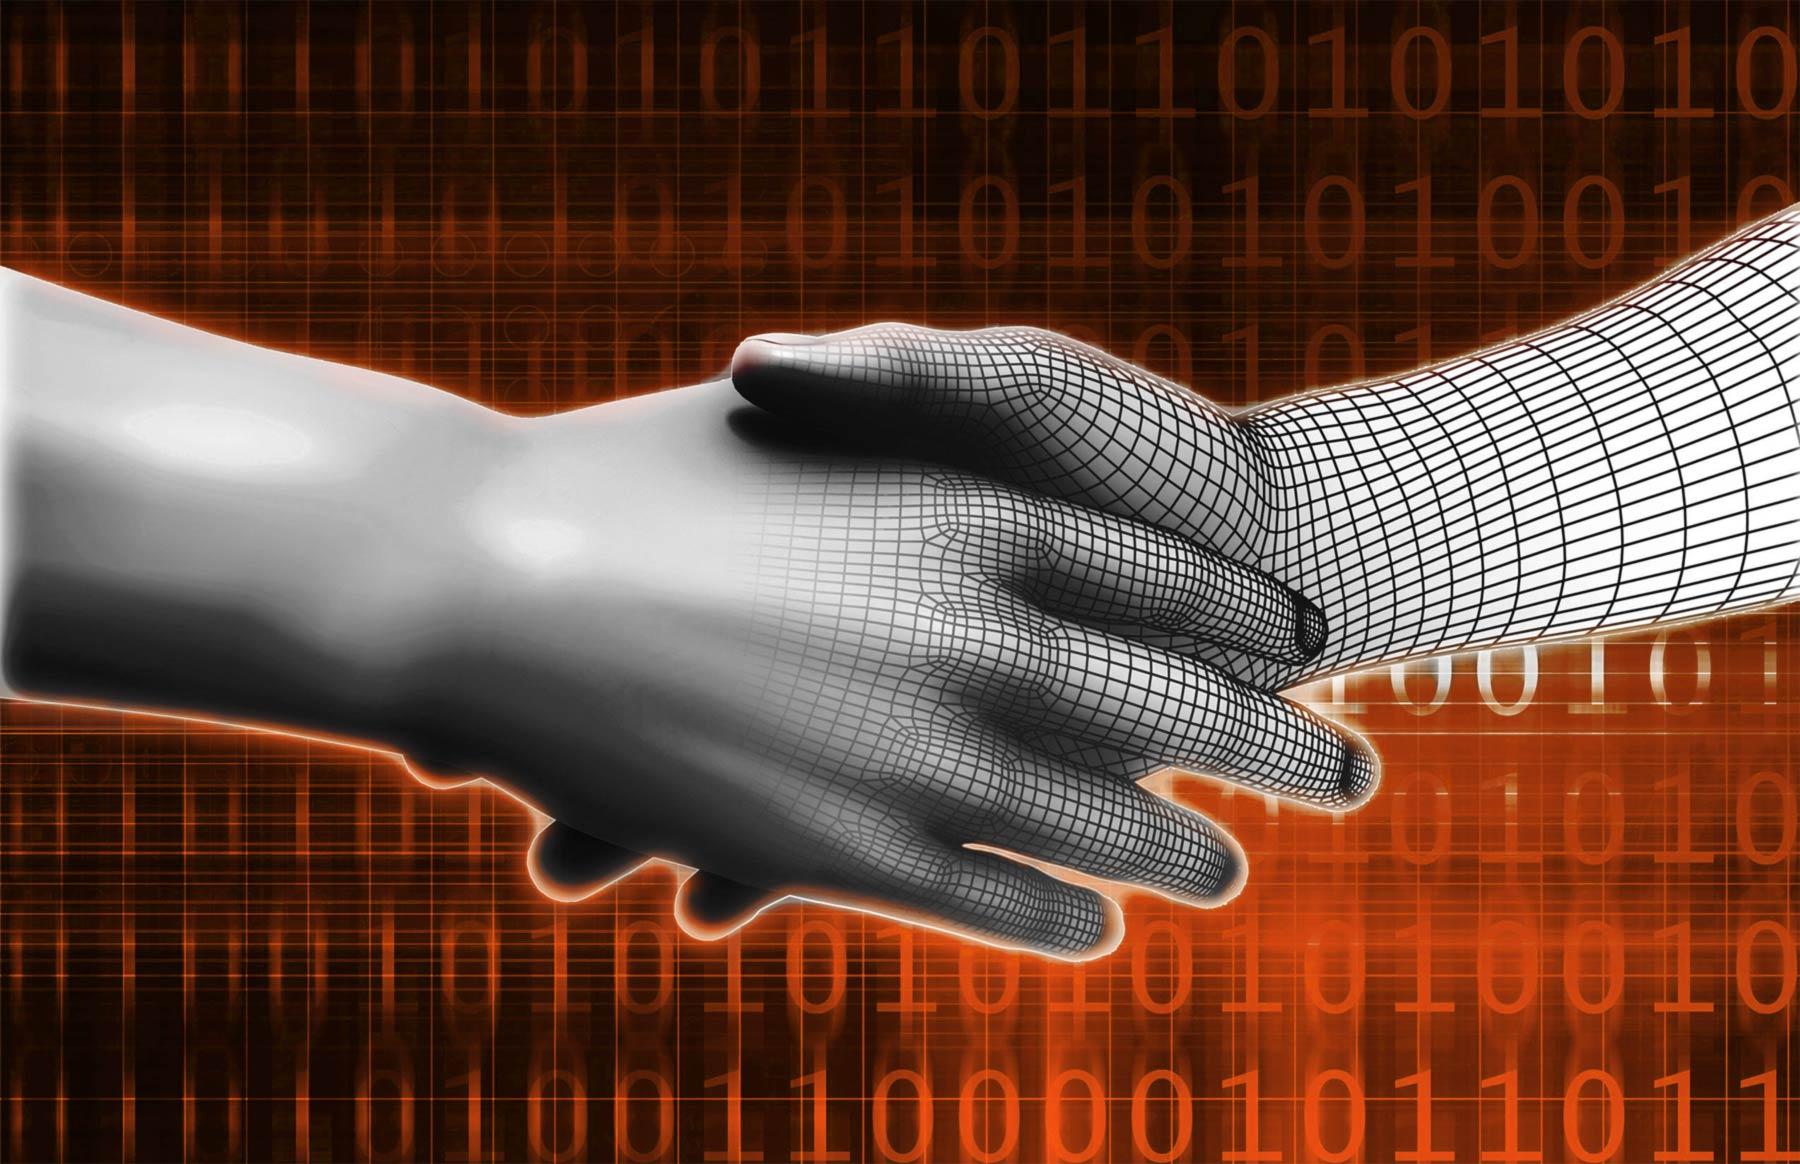 poignée de main mi humaine, mi numérique représentant le passage de la stratégie à la réalité digitale